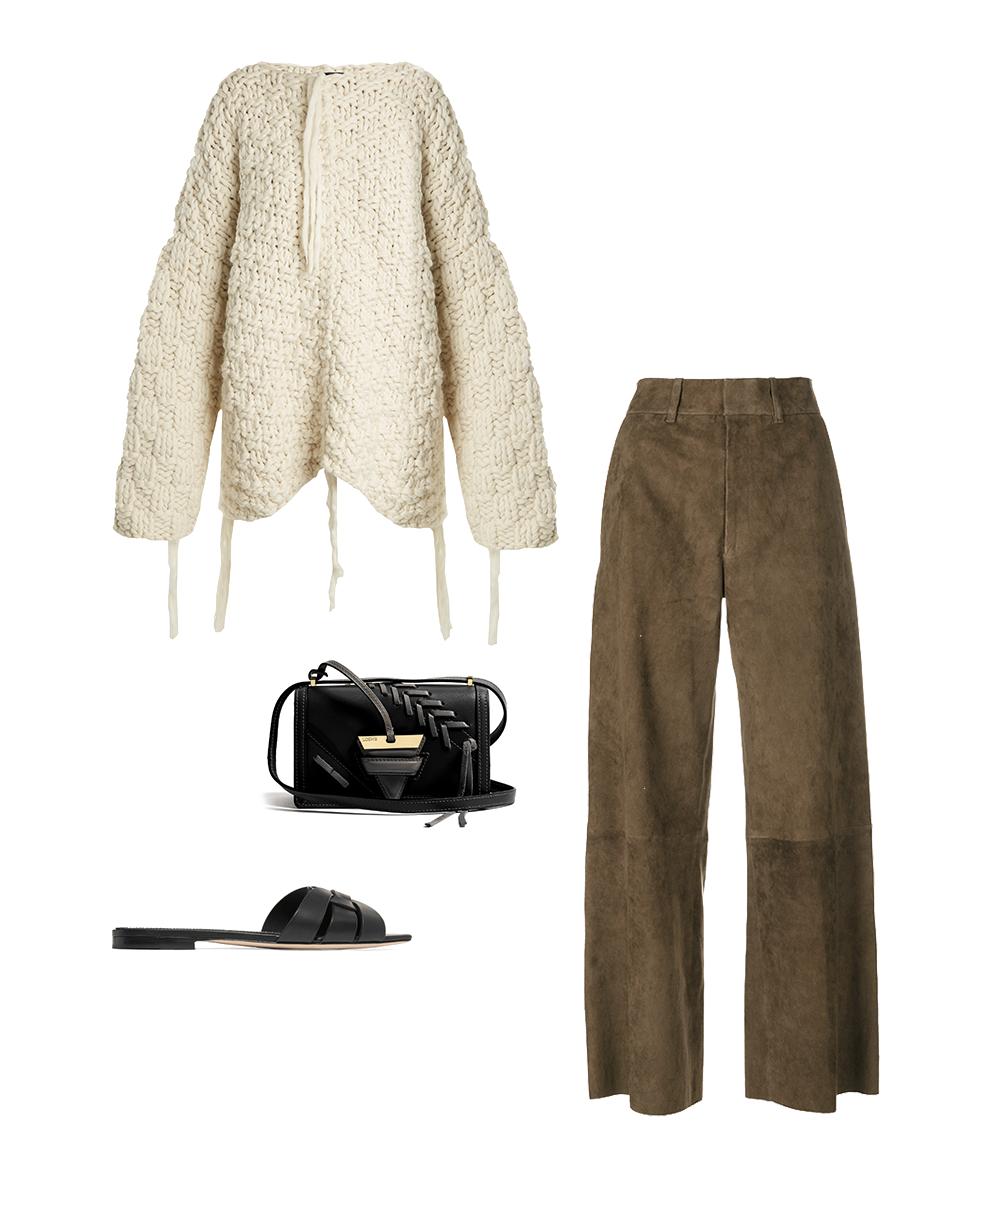 Joseph sweater and trousers, Loewe bag, Saint Laurent slipper.png